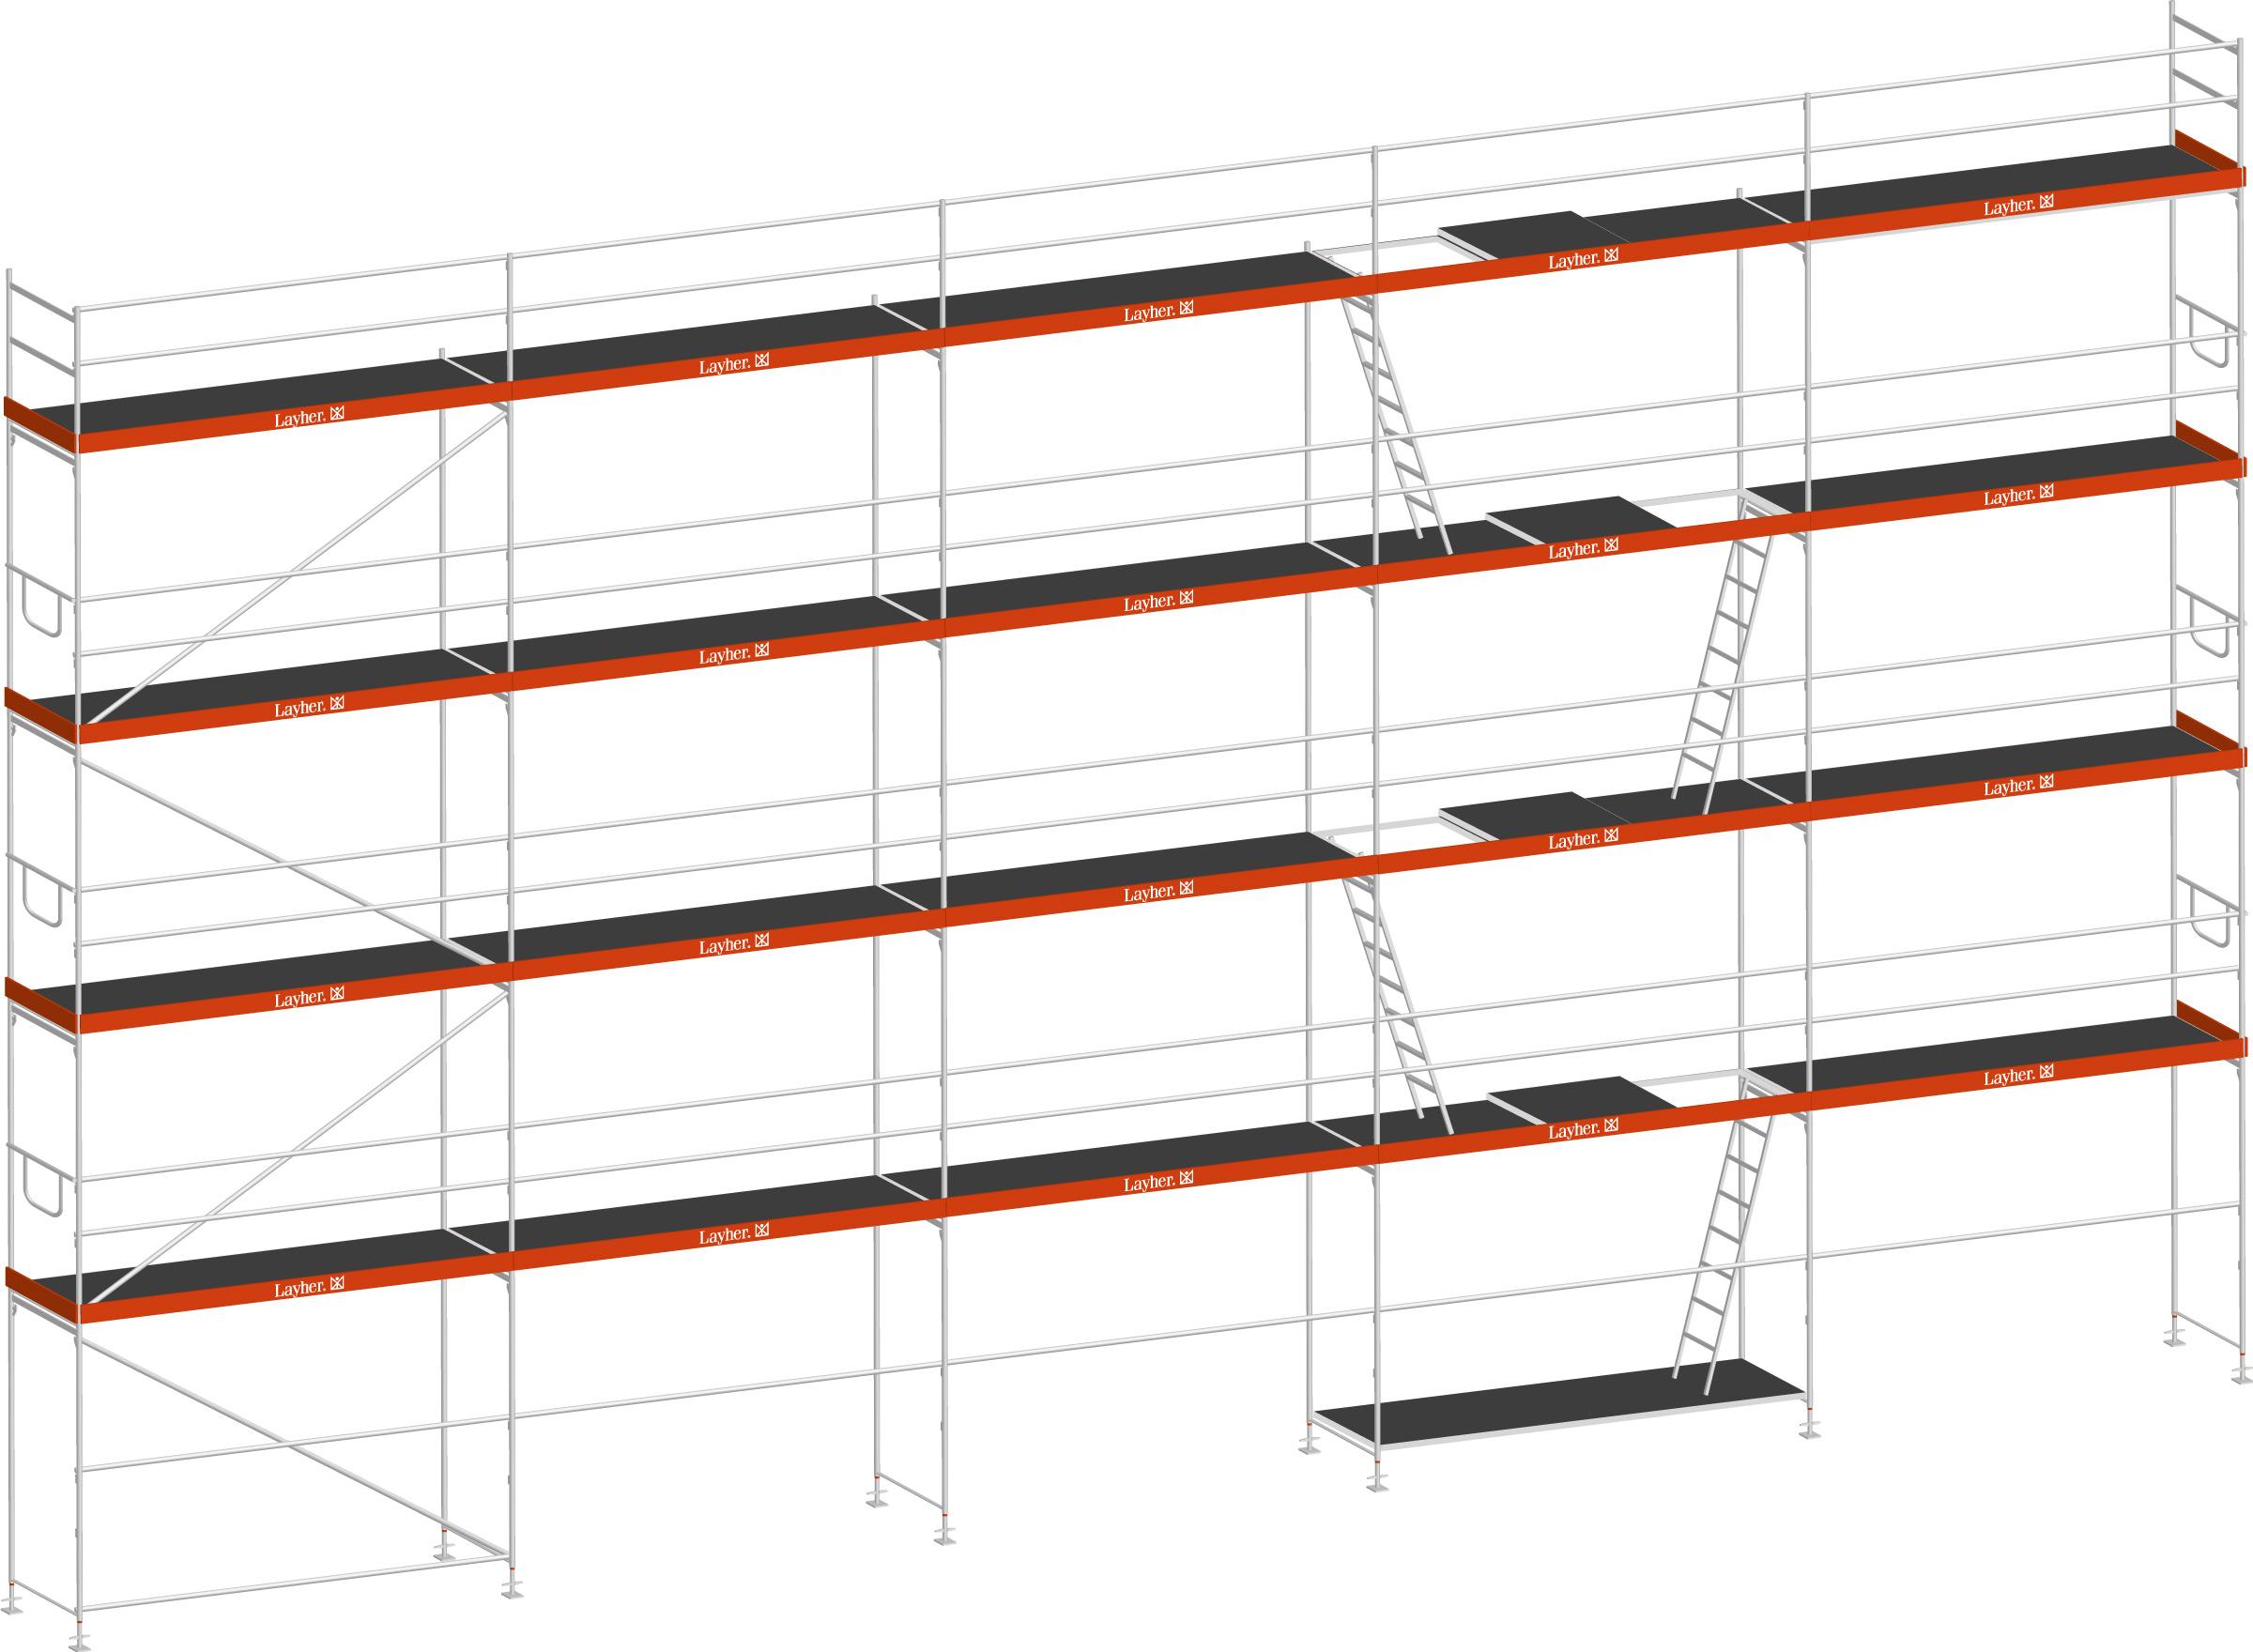 Layher Blitz Gerüst 70 Stahl 156 m²